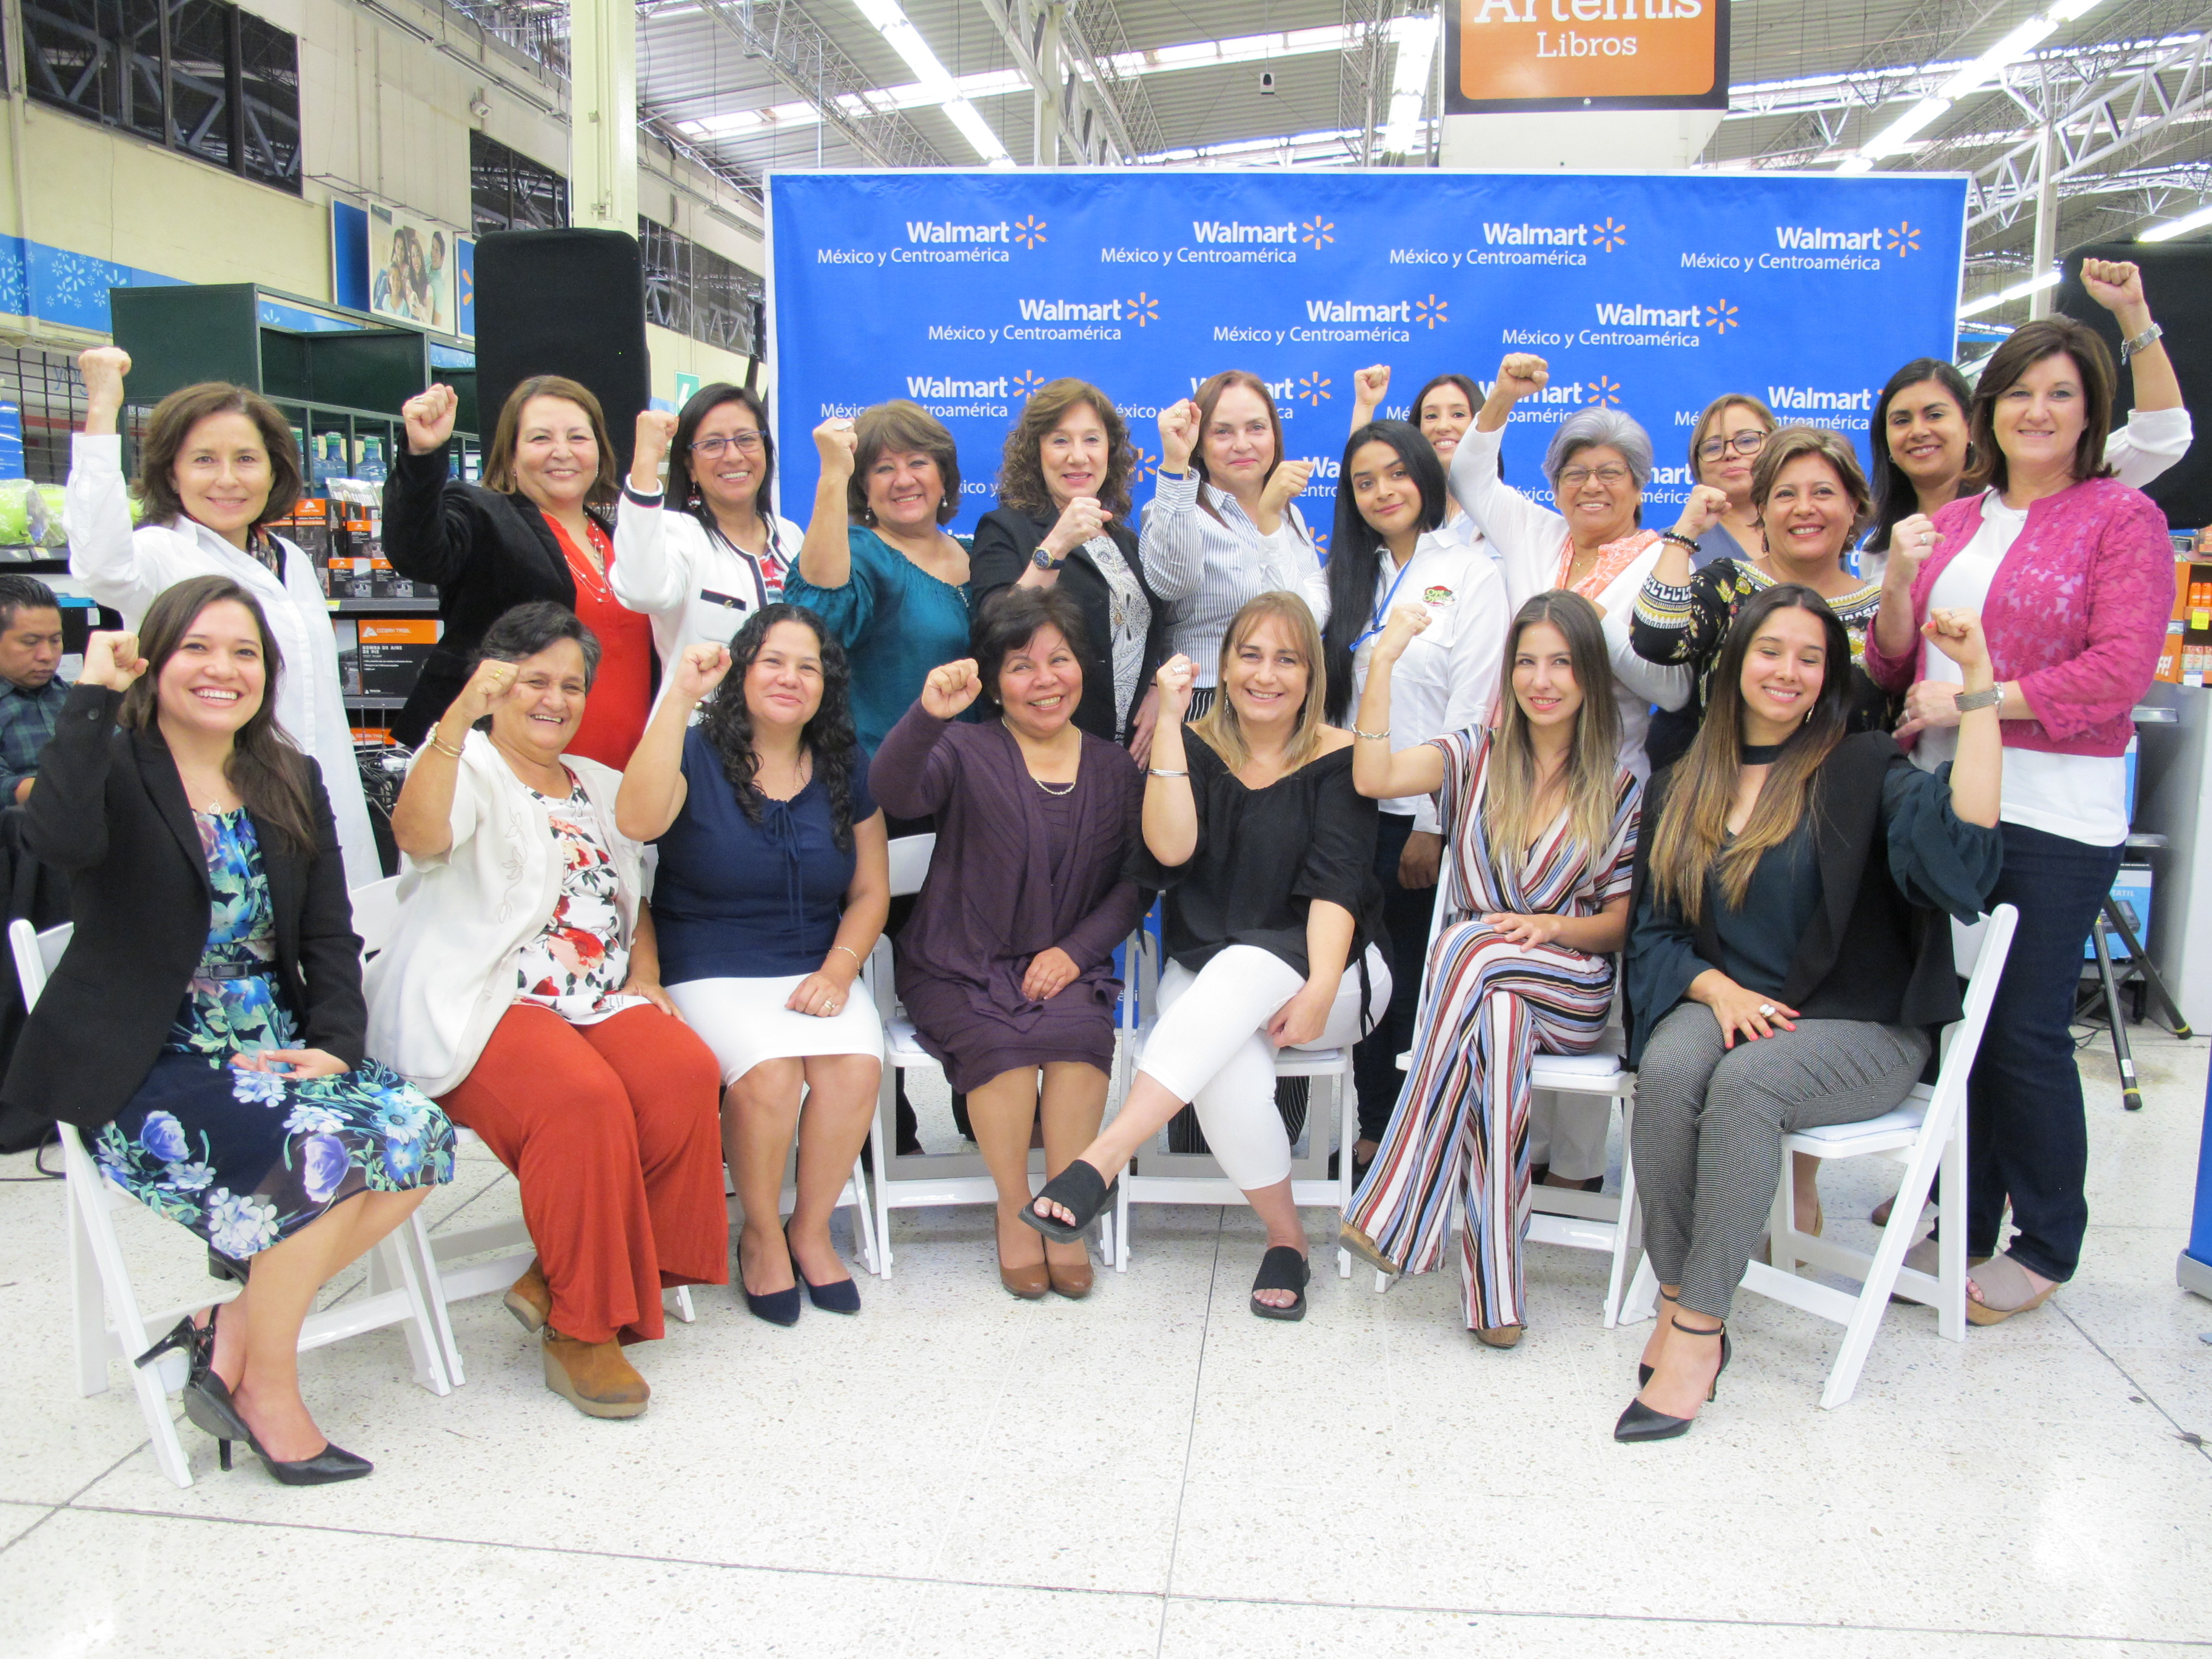 Presentan proyecto Cadena de Valor de mujeres emprendedoras y que colocarán sus productos  como Pymes en Walmart.   MARÍA RENEÉ GAYTAN  20 02 2019